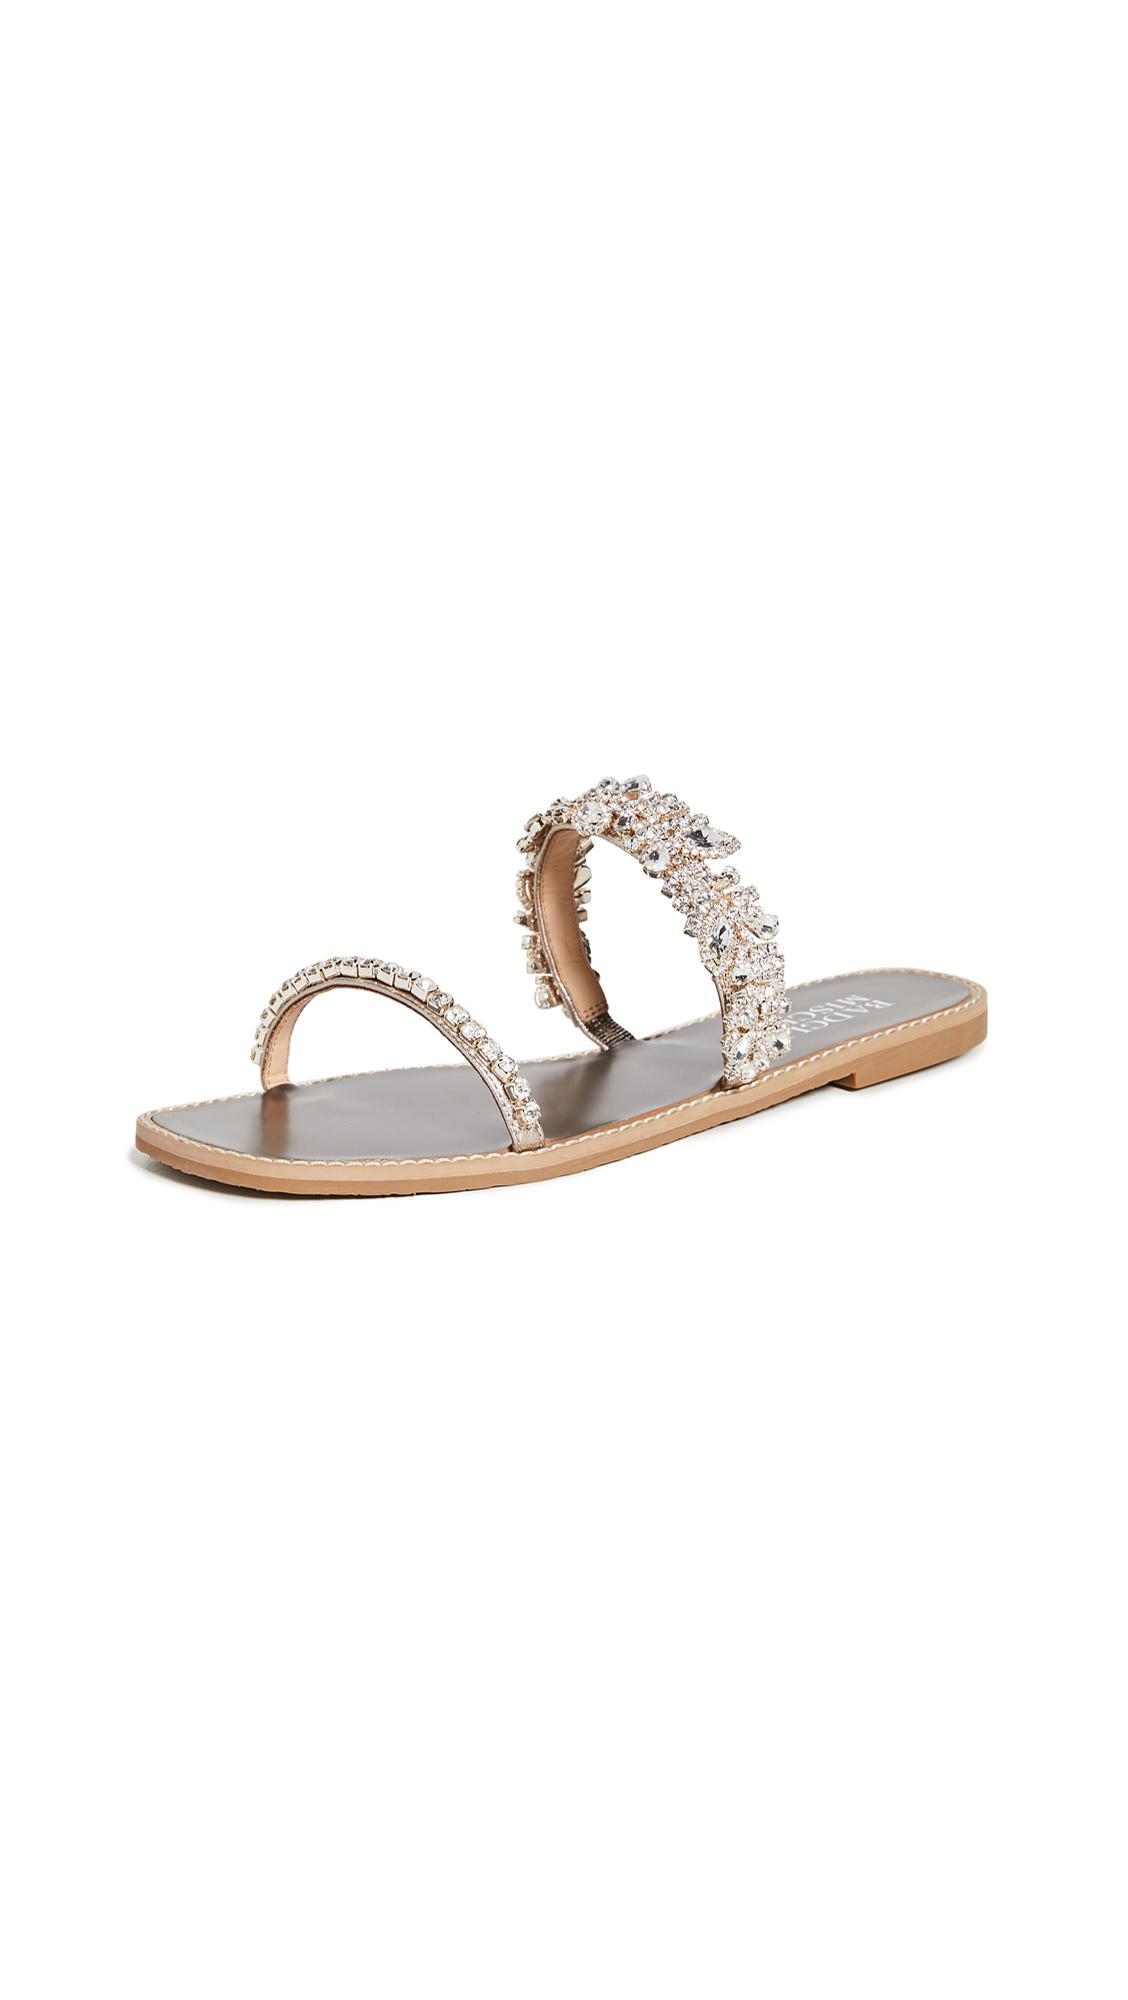 Buy Badgley Mischka Jenelle Slide Sandals online, shop Badgley Mischka